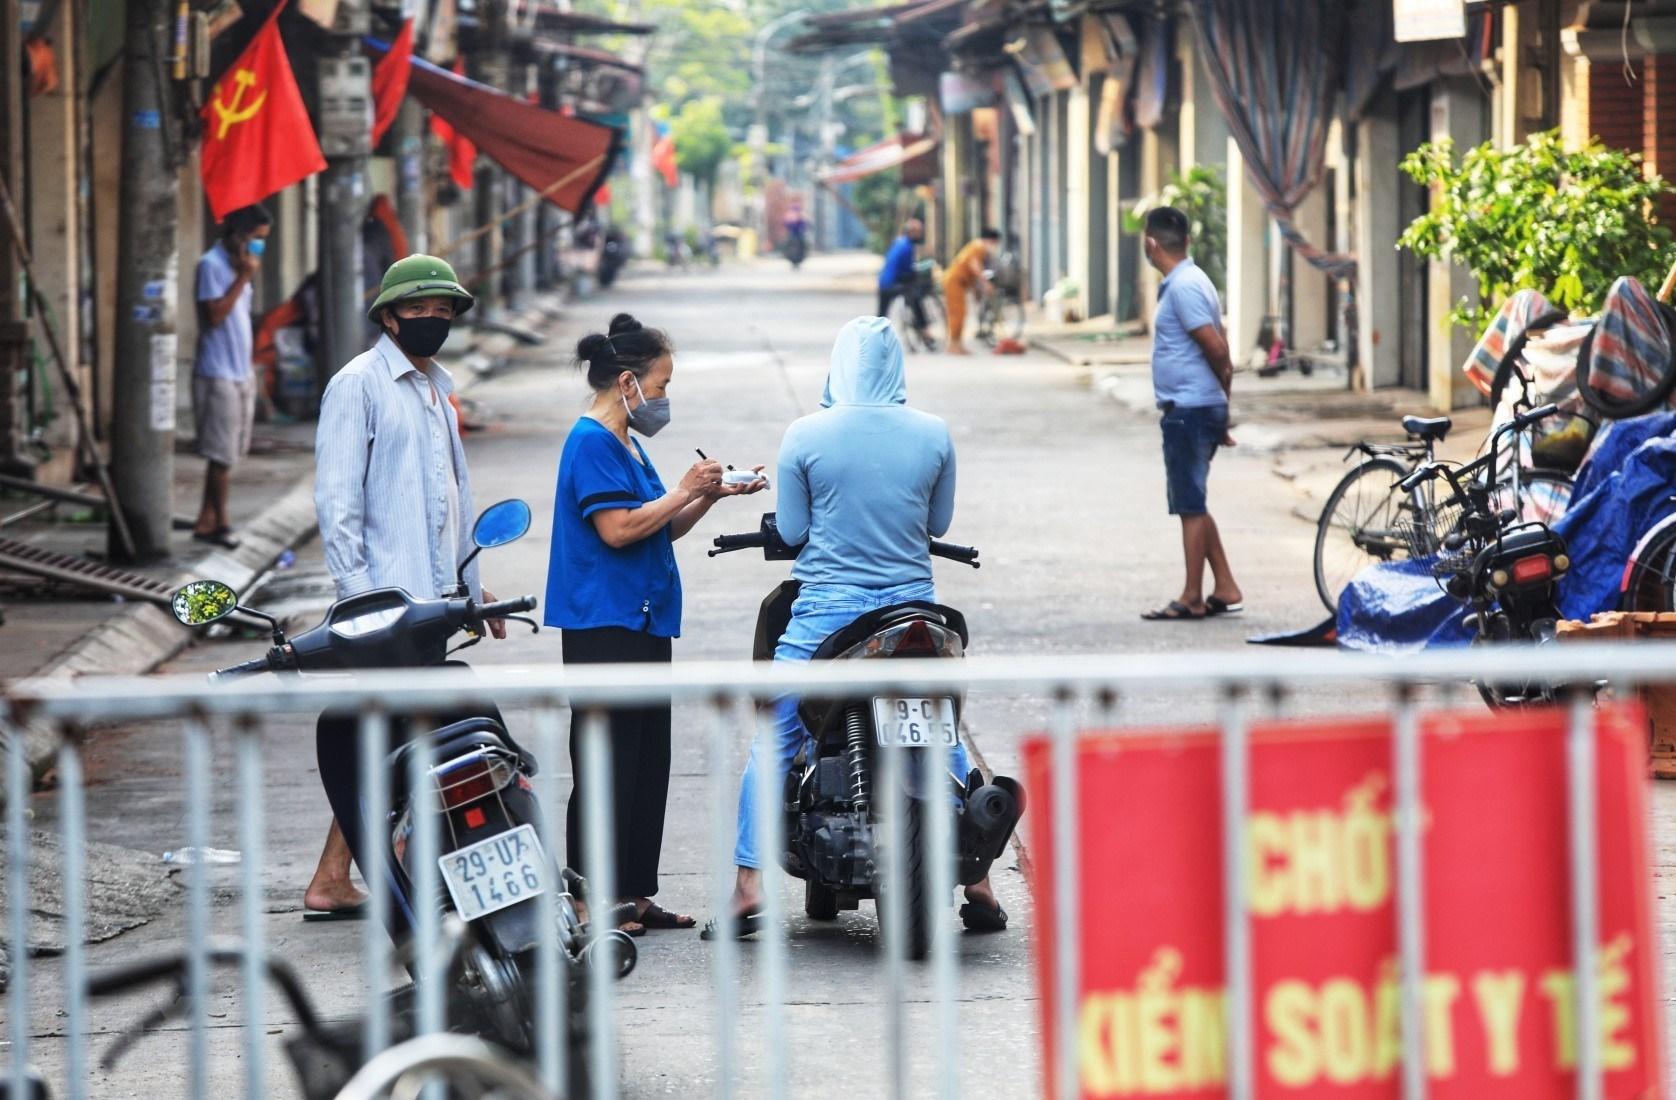 Thông tin về địa điểm 11 ca mắc mới COVID-19 ở Hà Nội chiều 30/5   Y tế    Vietnam+ (VietnamPlus)